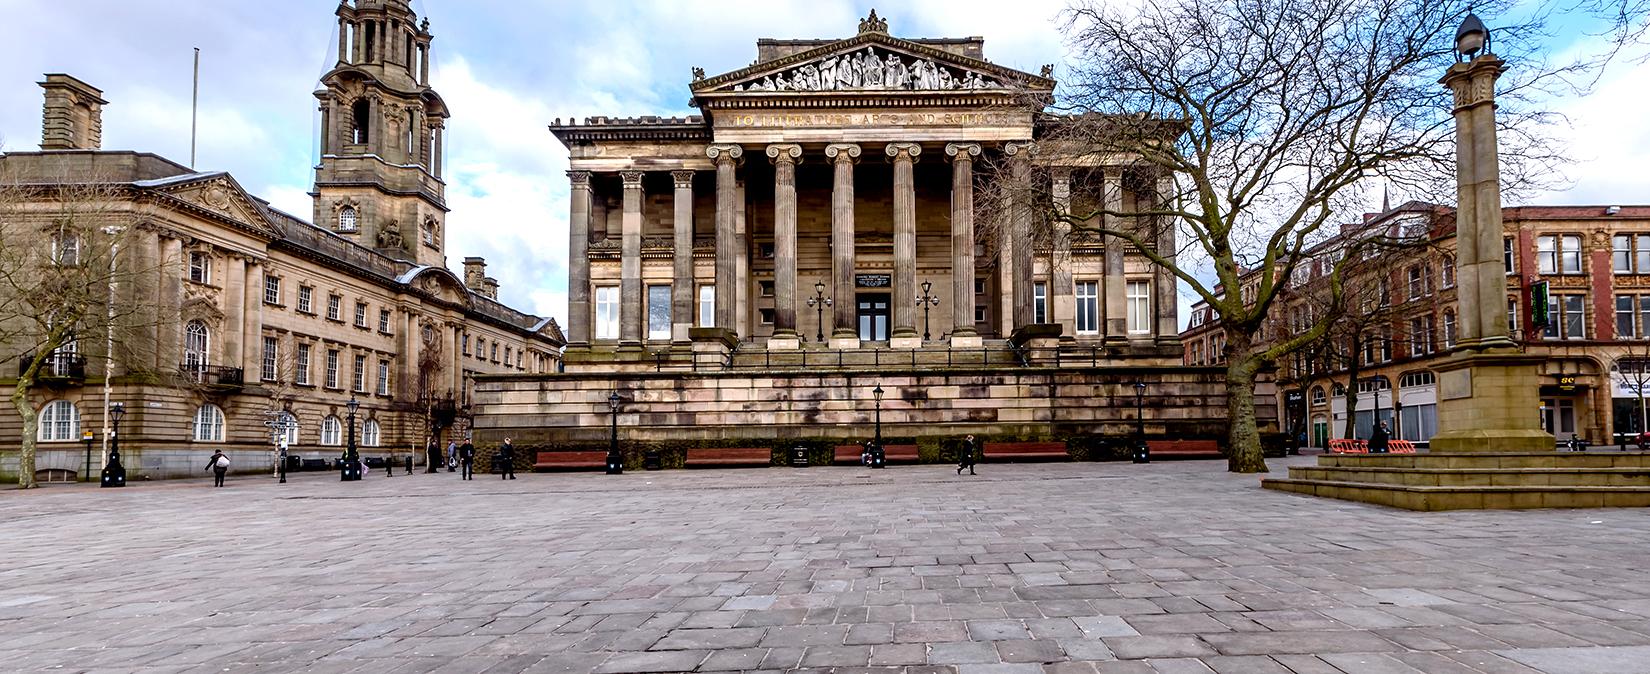 The Great British Brain Drain Preston Centre For Cities